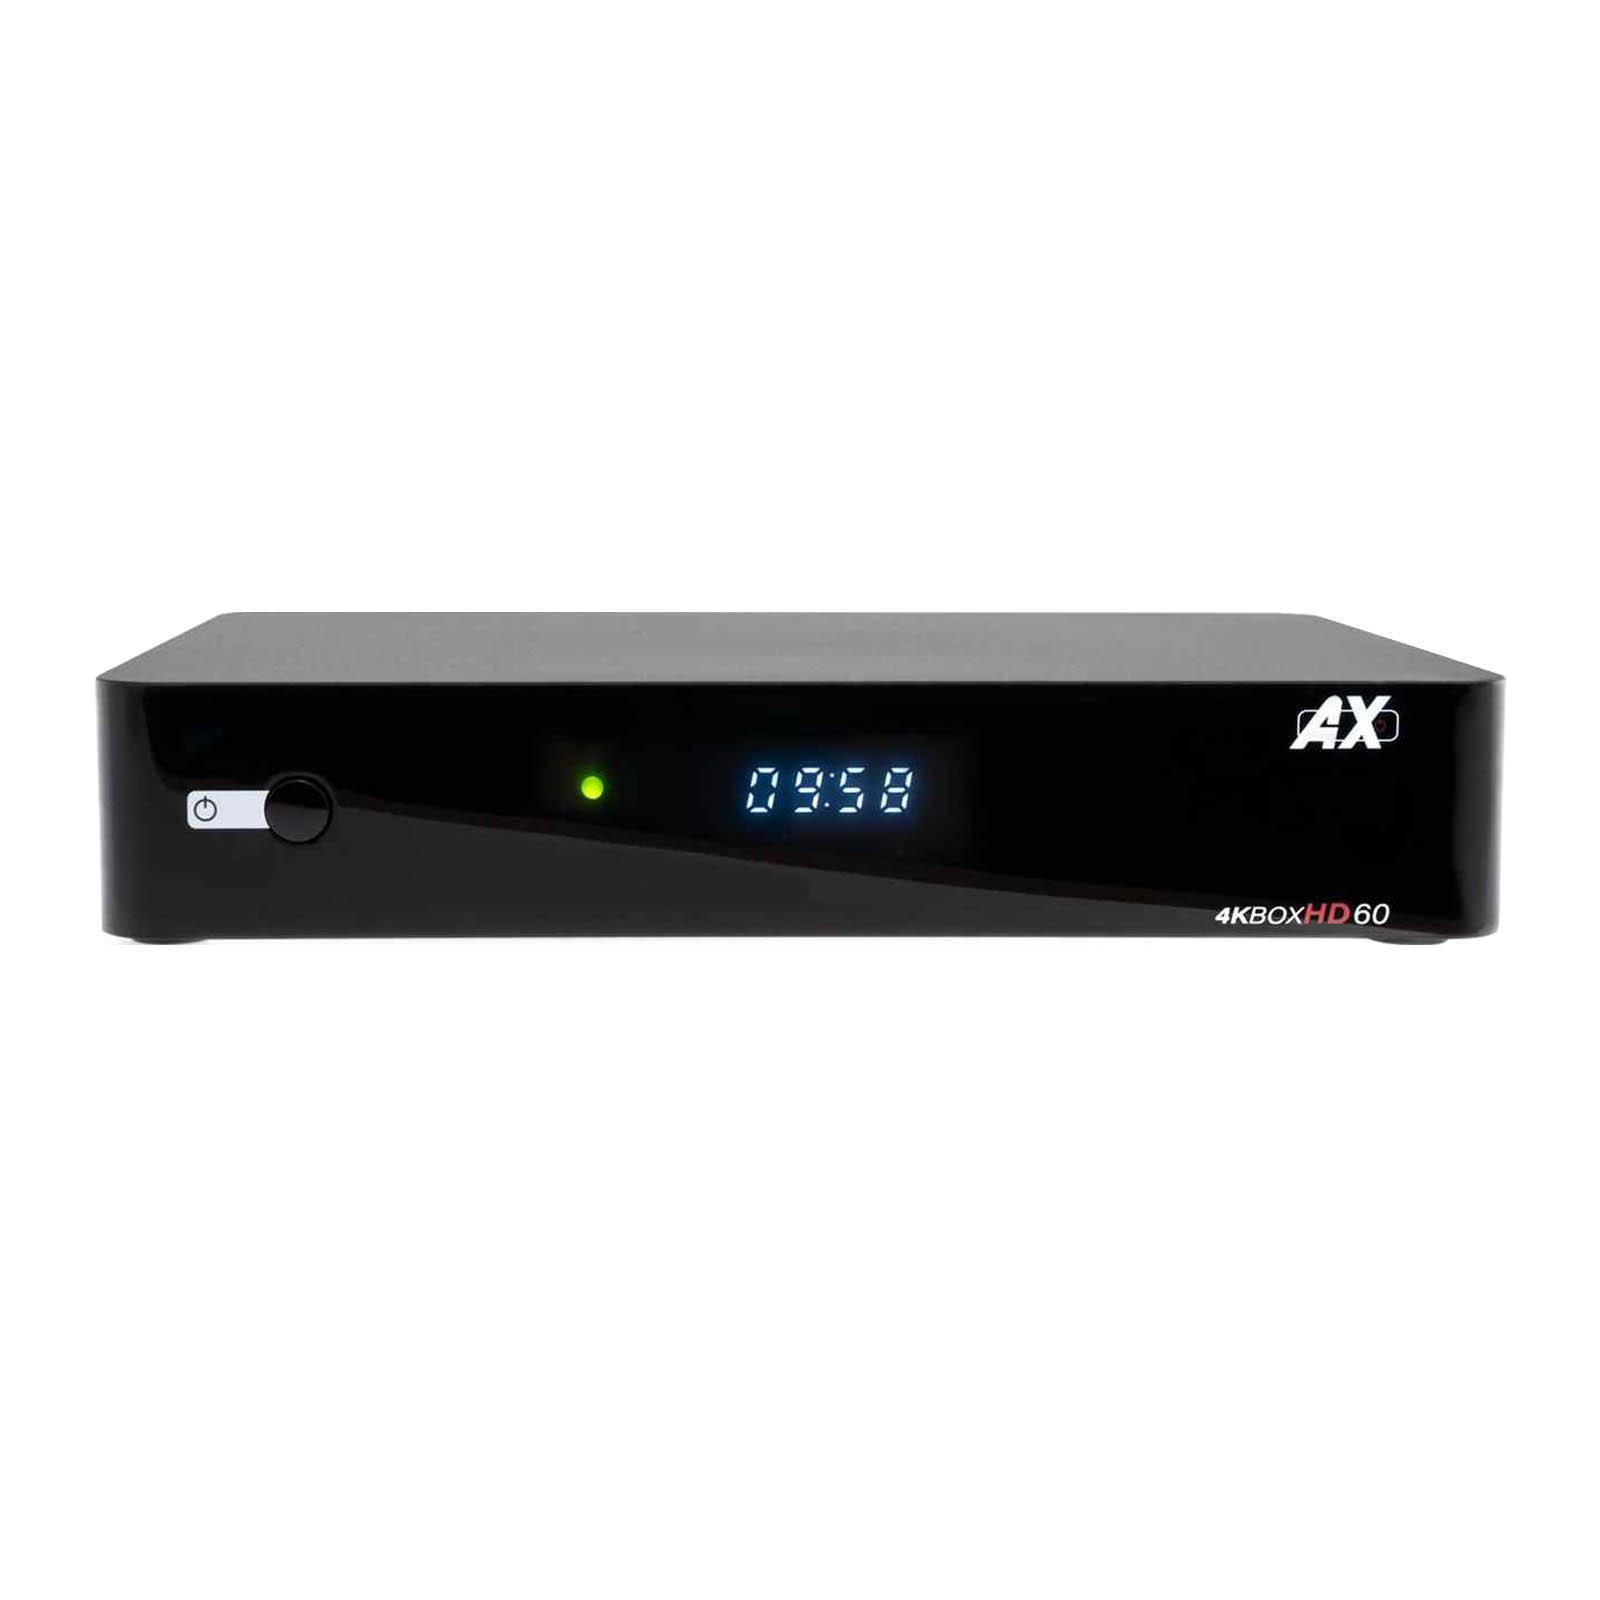 AX 4K-Box HD60 4K UHD 2160p E2 Linux + Android DVB-S2X Sat Receiver